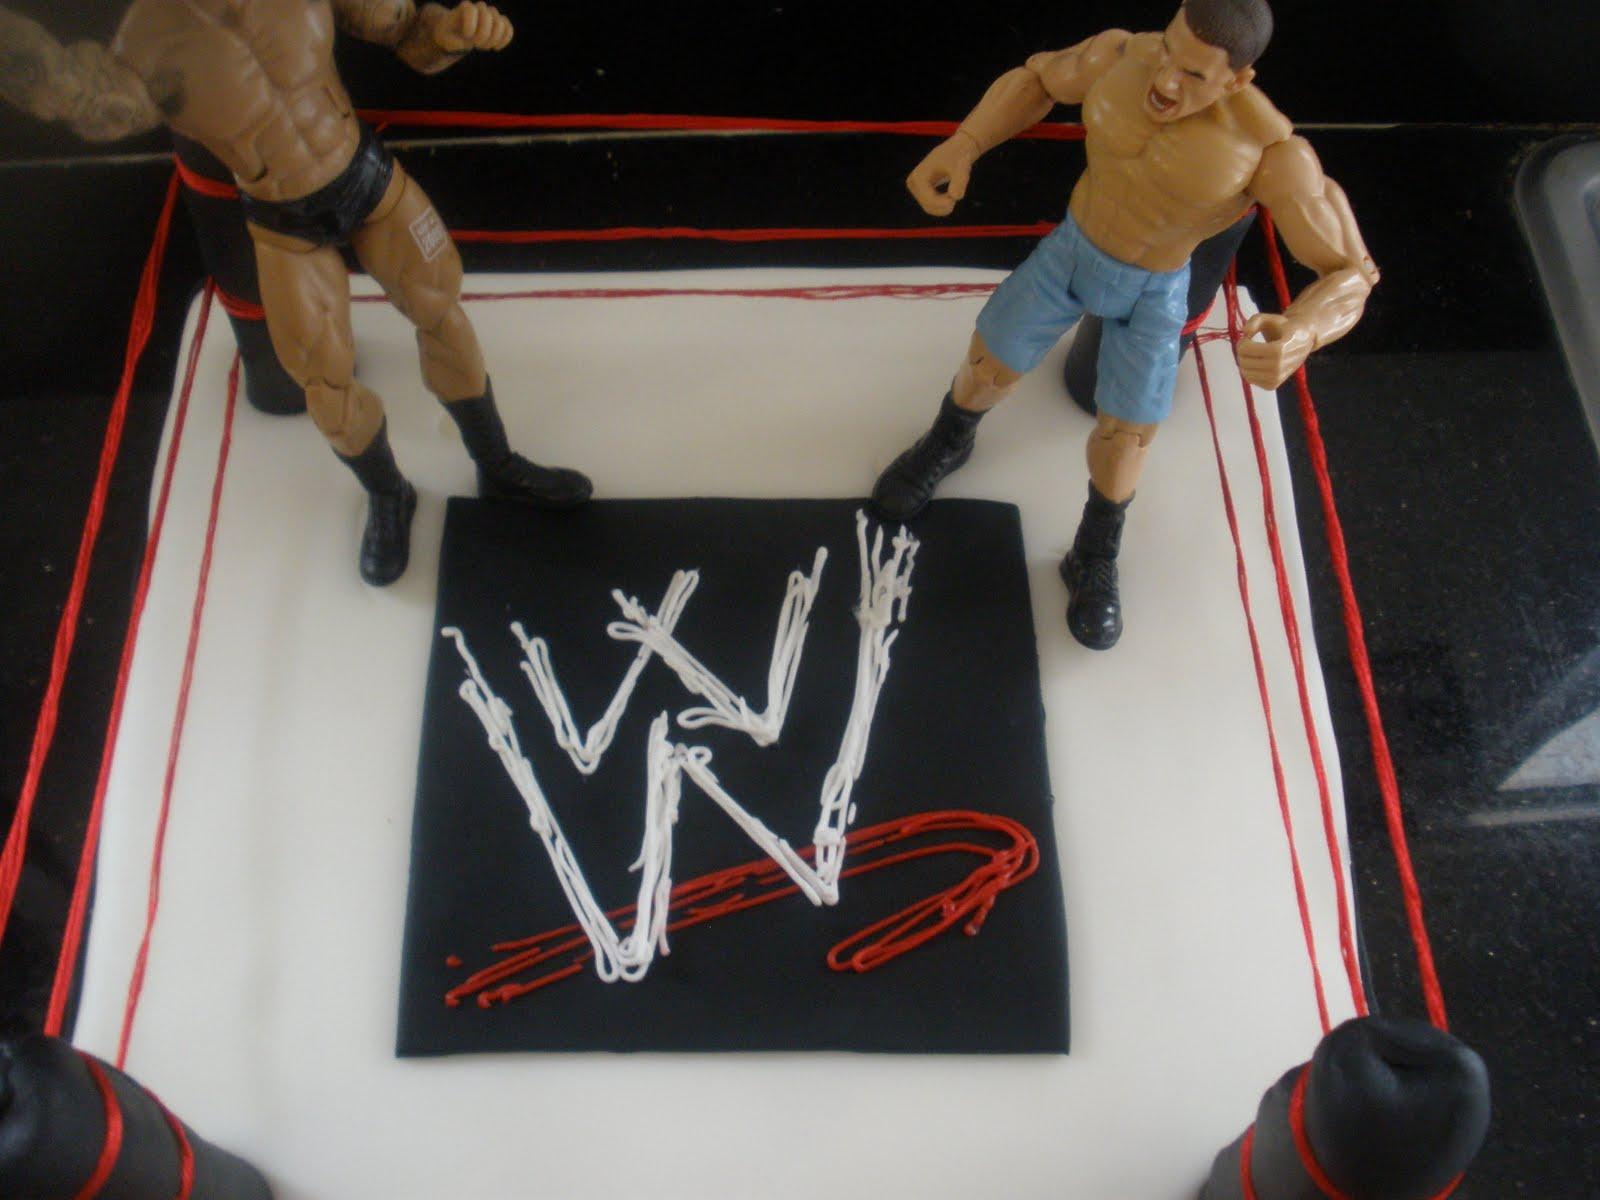 Wwe Wrestling Birthday Cake Topper